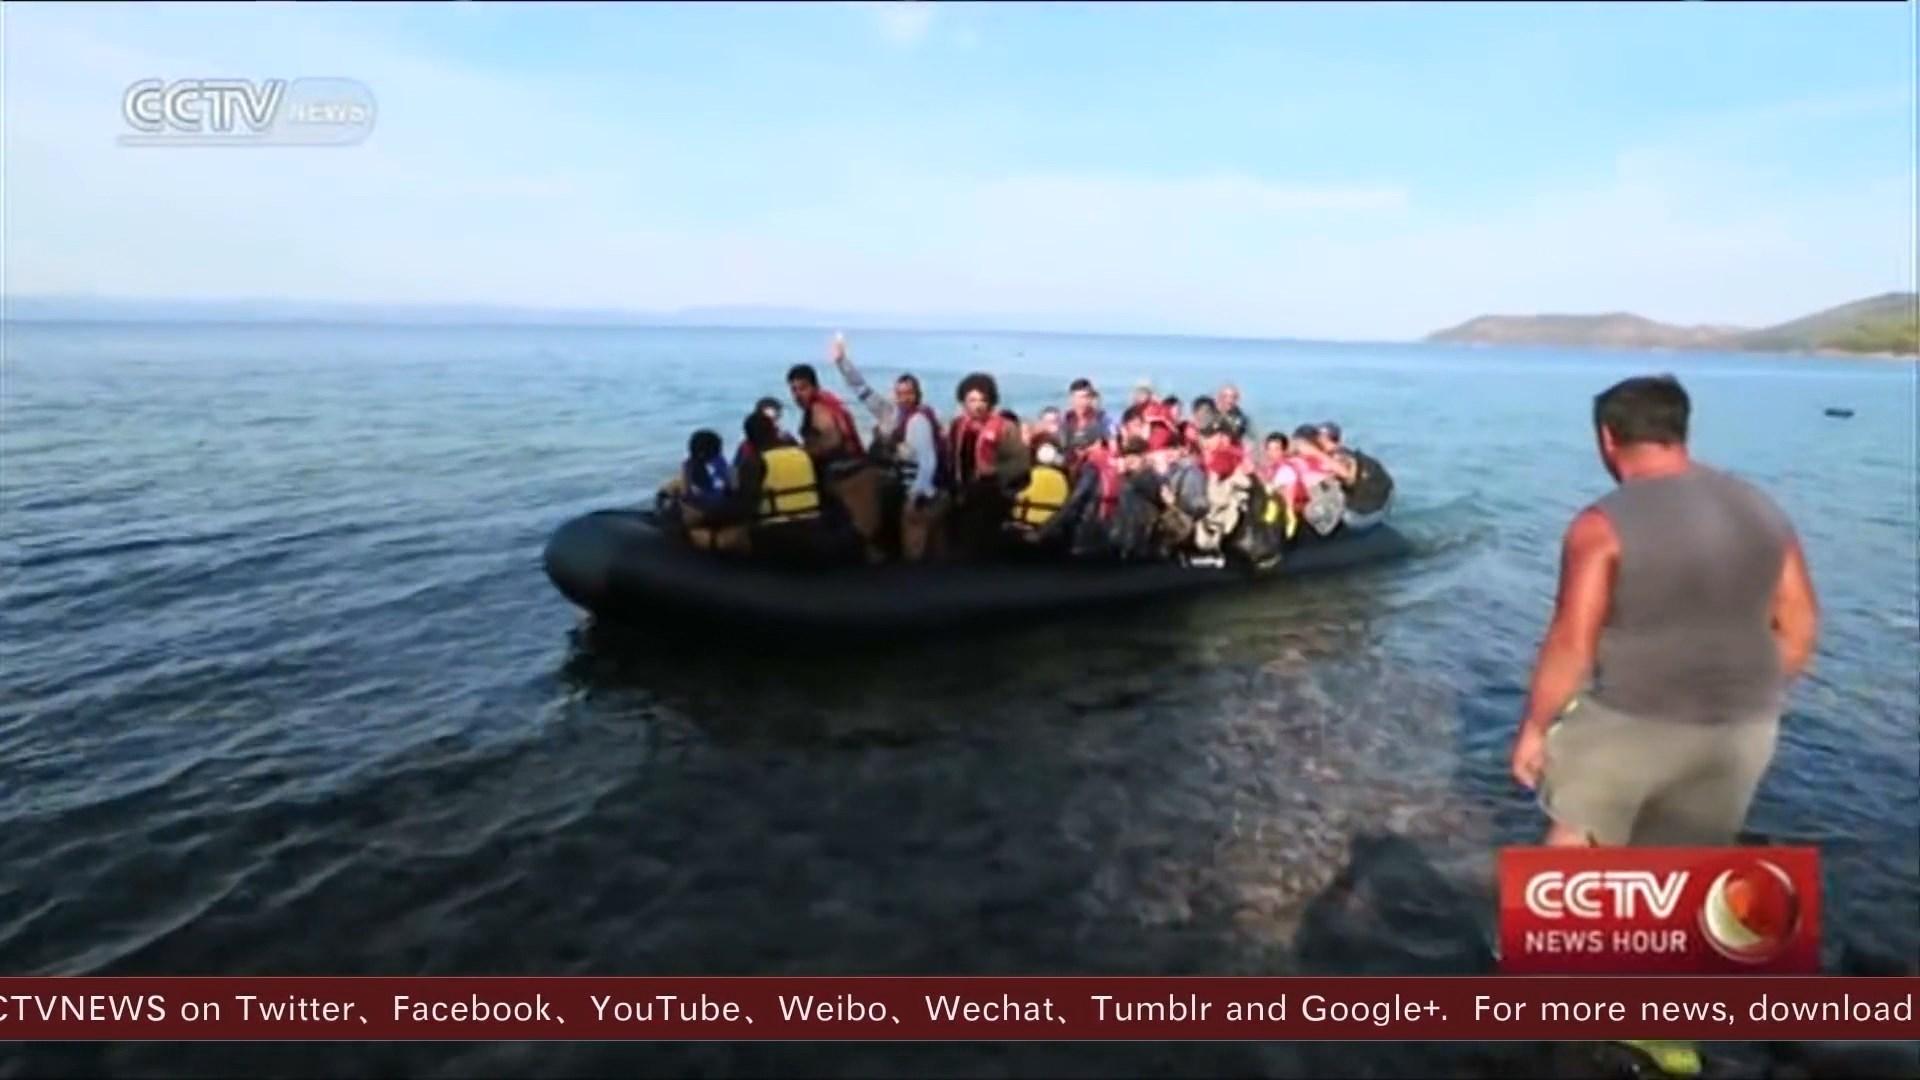 Greqi, mbi 650 emigrantë zbarkojnë në ishullin e Lesbos